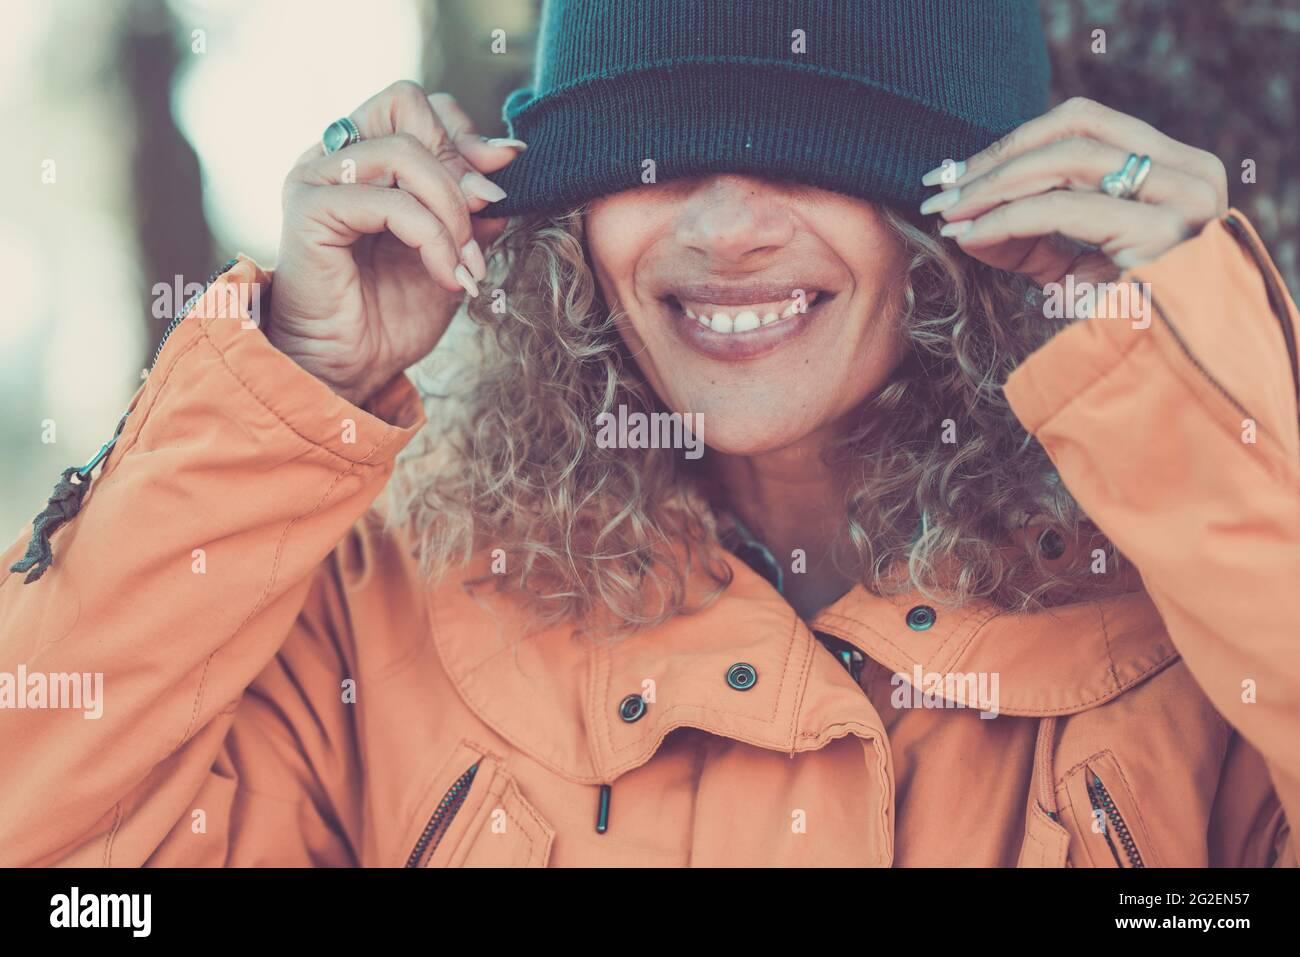 Joyeuse belle femme portrait couvrant ses yeux avec coupe d'hiver - les gens heureux profiter des activités de loisirs en plein air - joli sourire et le concept des dents - m Banque D'Images